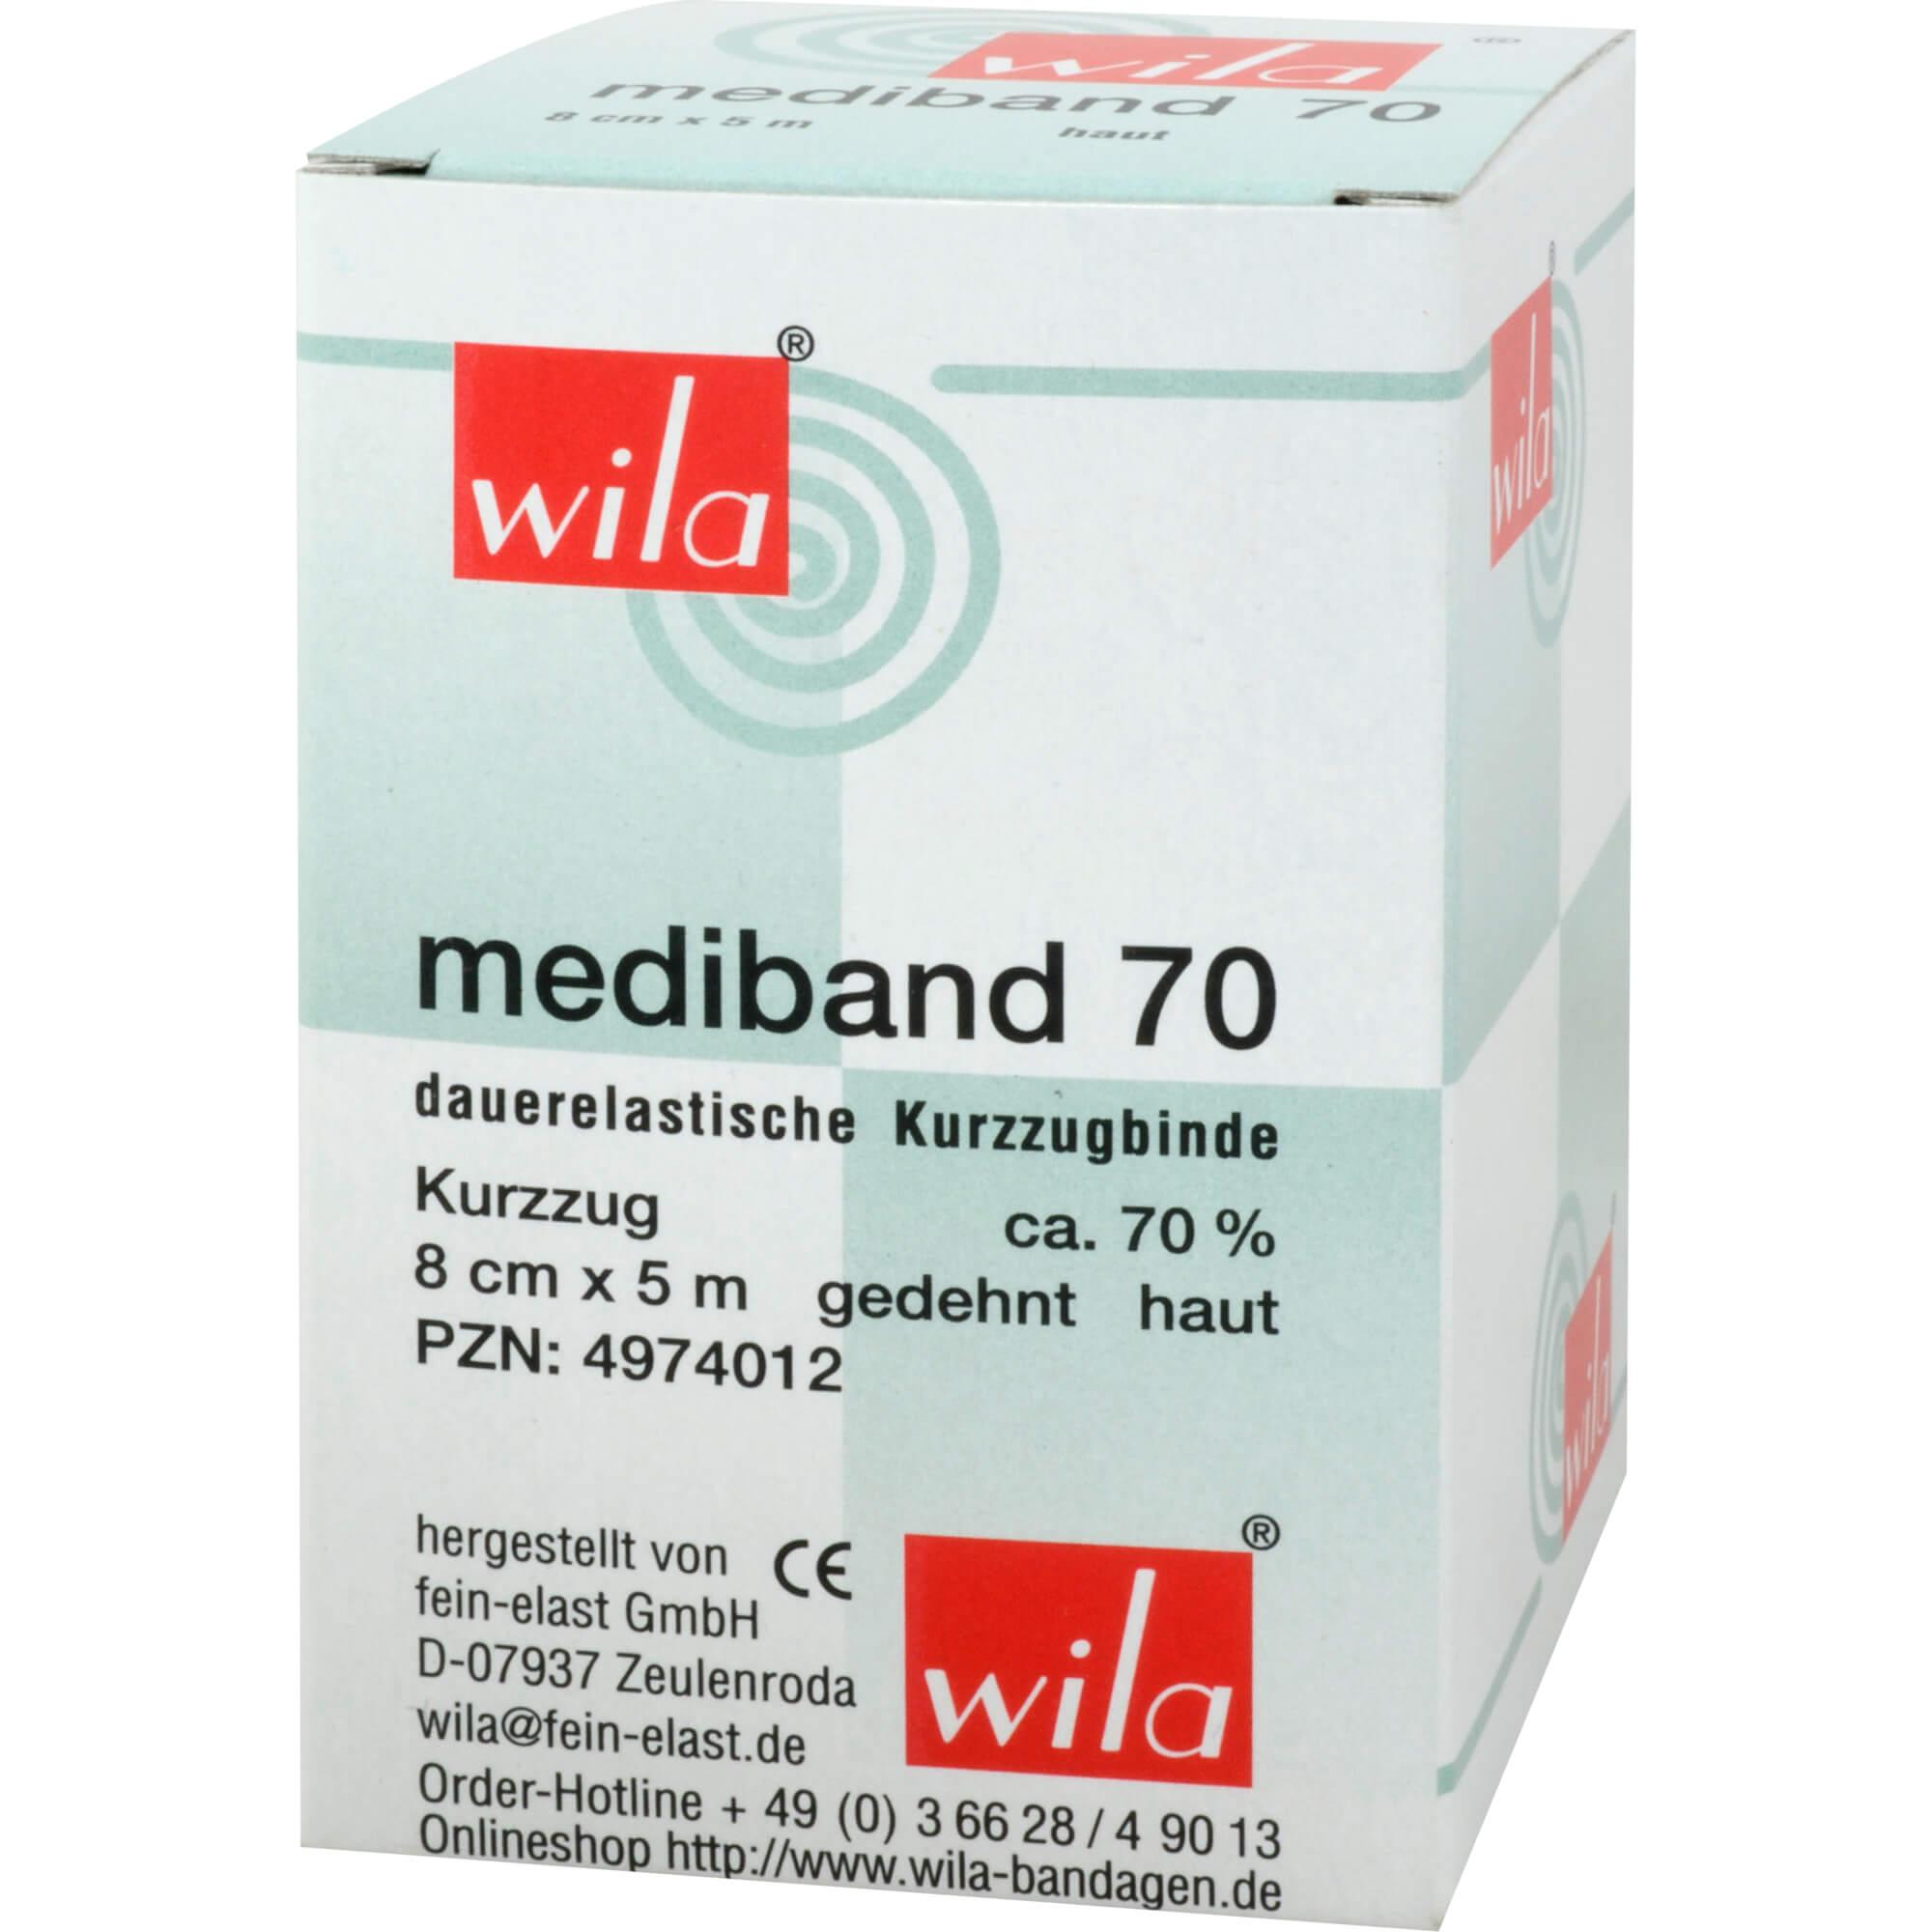 MEDIBAND 70KURZZ 5MX8CM H